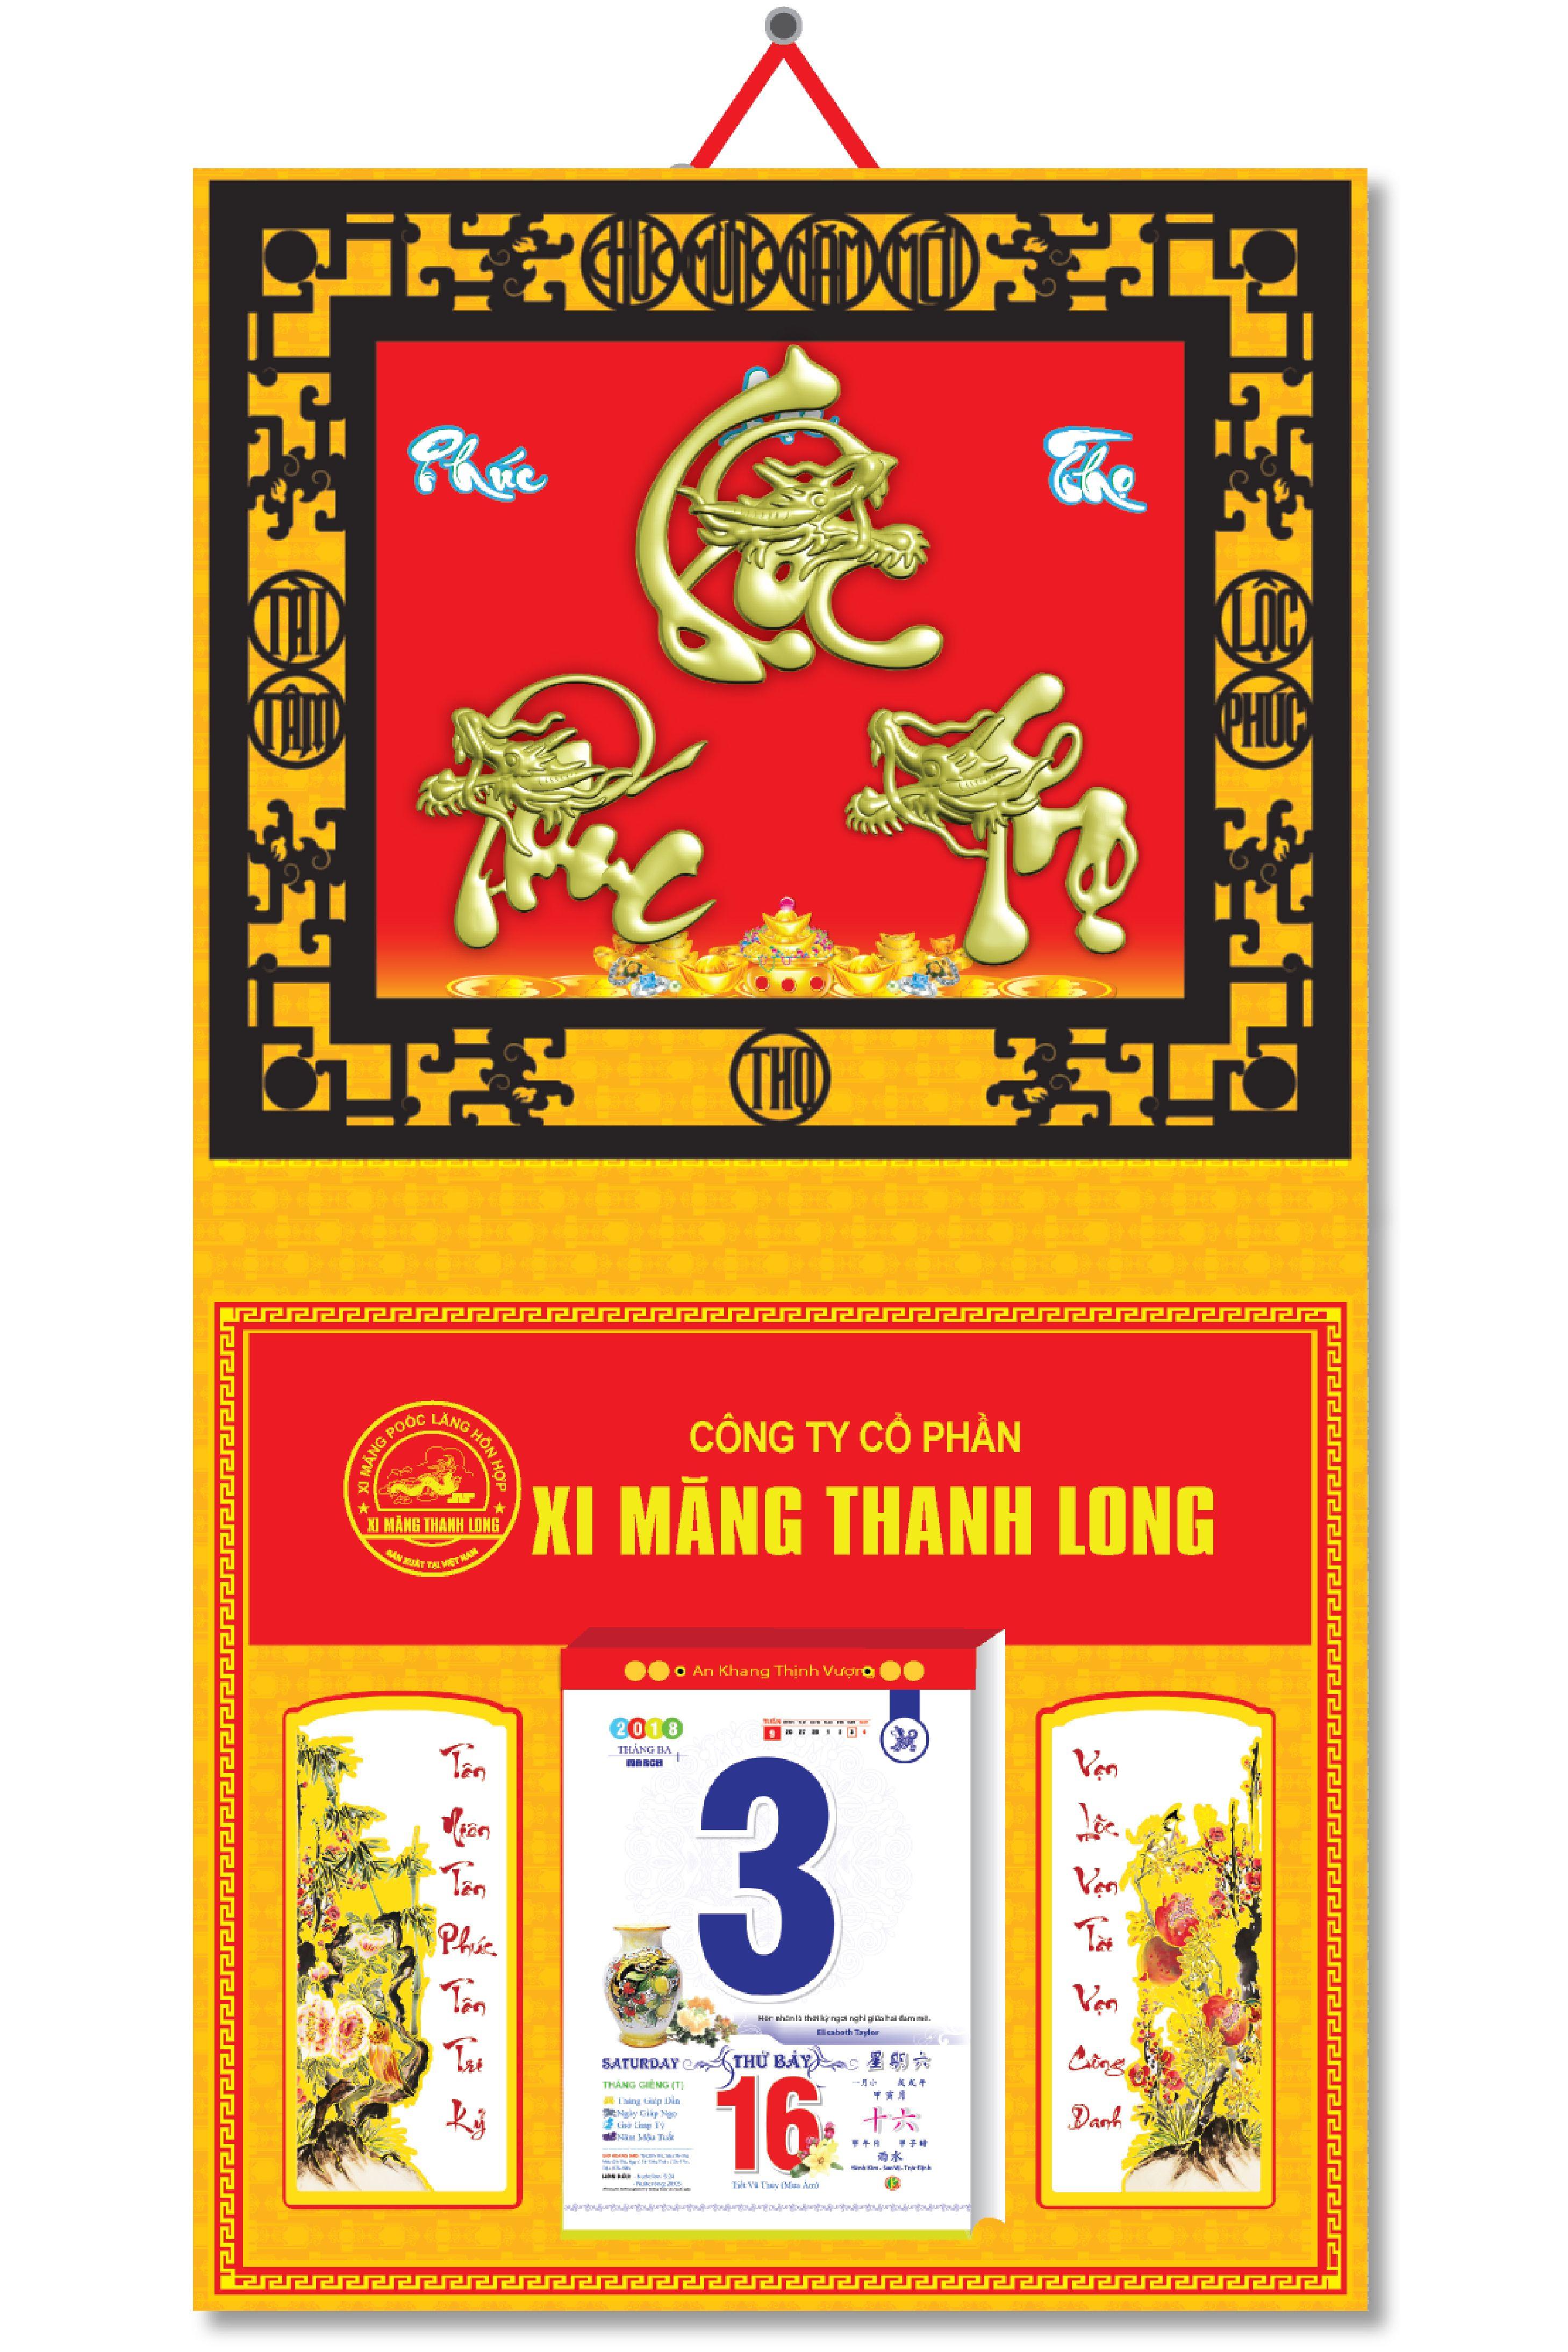 KV97 - Bìa 2018 Treo Lịch Da Simili Dán Nổi (40 x 80 cm) - Khung Giả Gỗ, Dán Nổi Chữ Phúc Lộc Thọ Đầu Rồng Nhỏ - EBOOK/PDF/PRC/EPUB